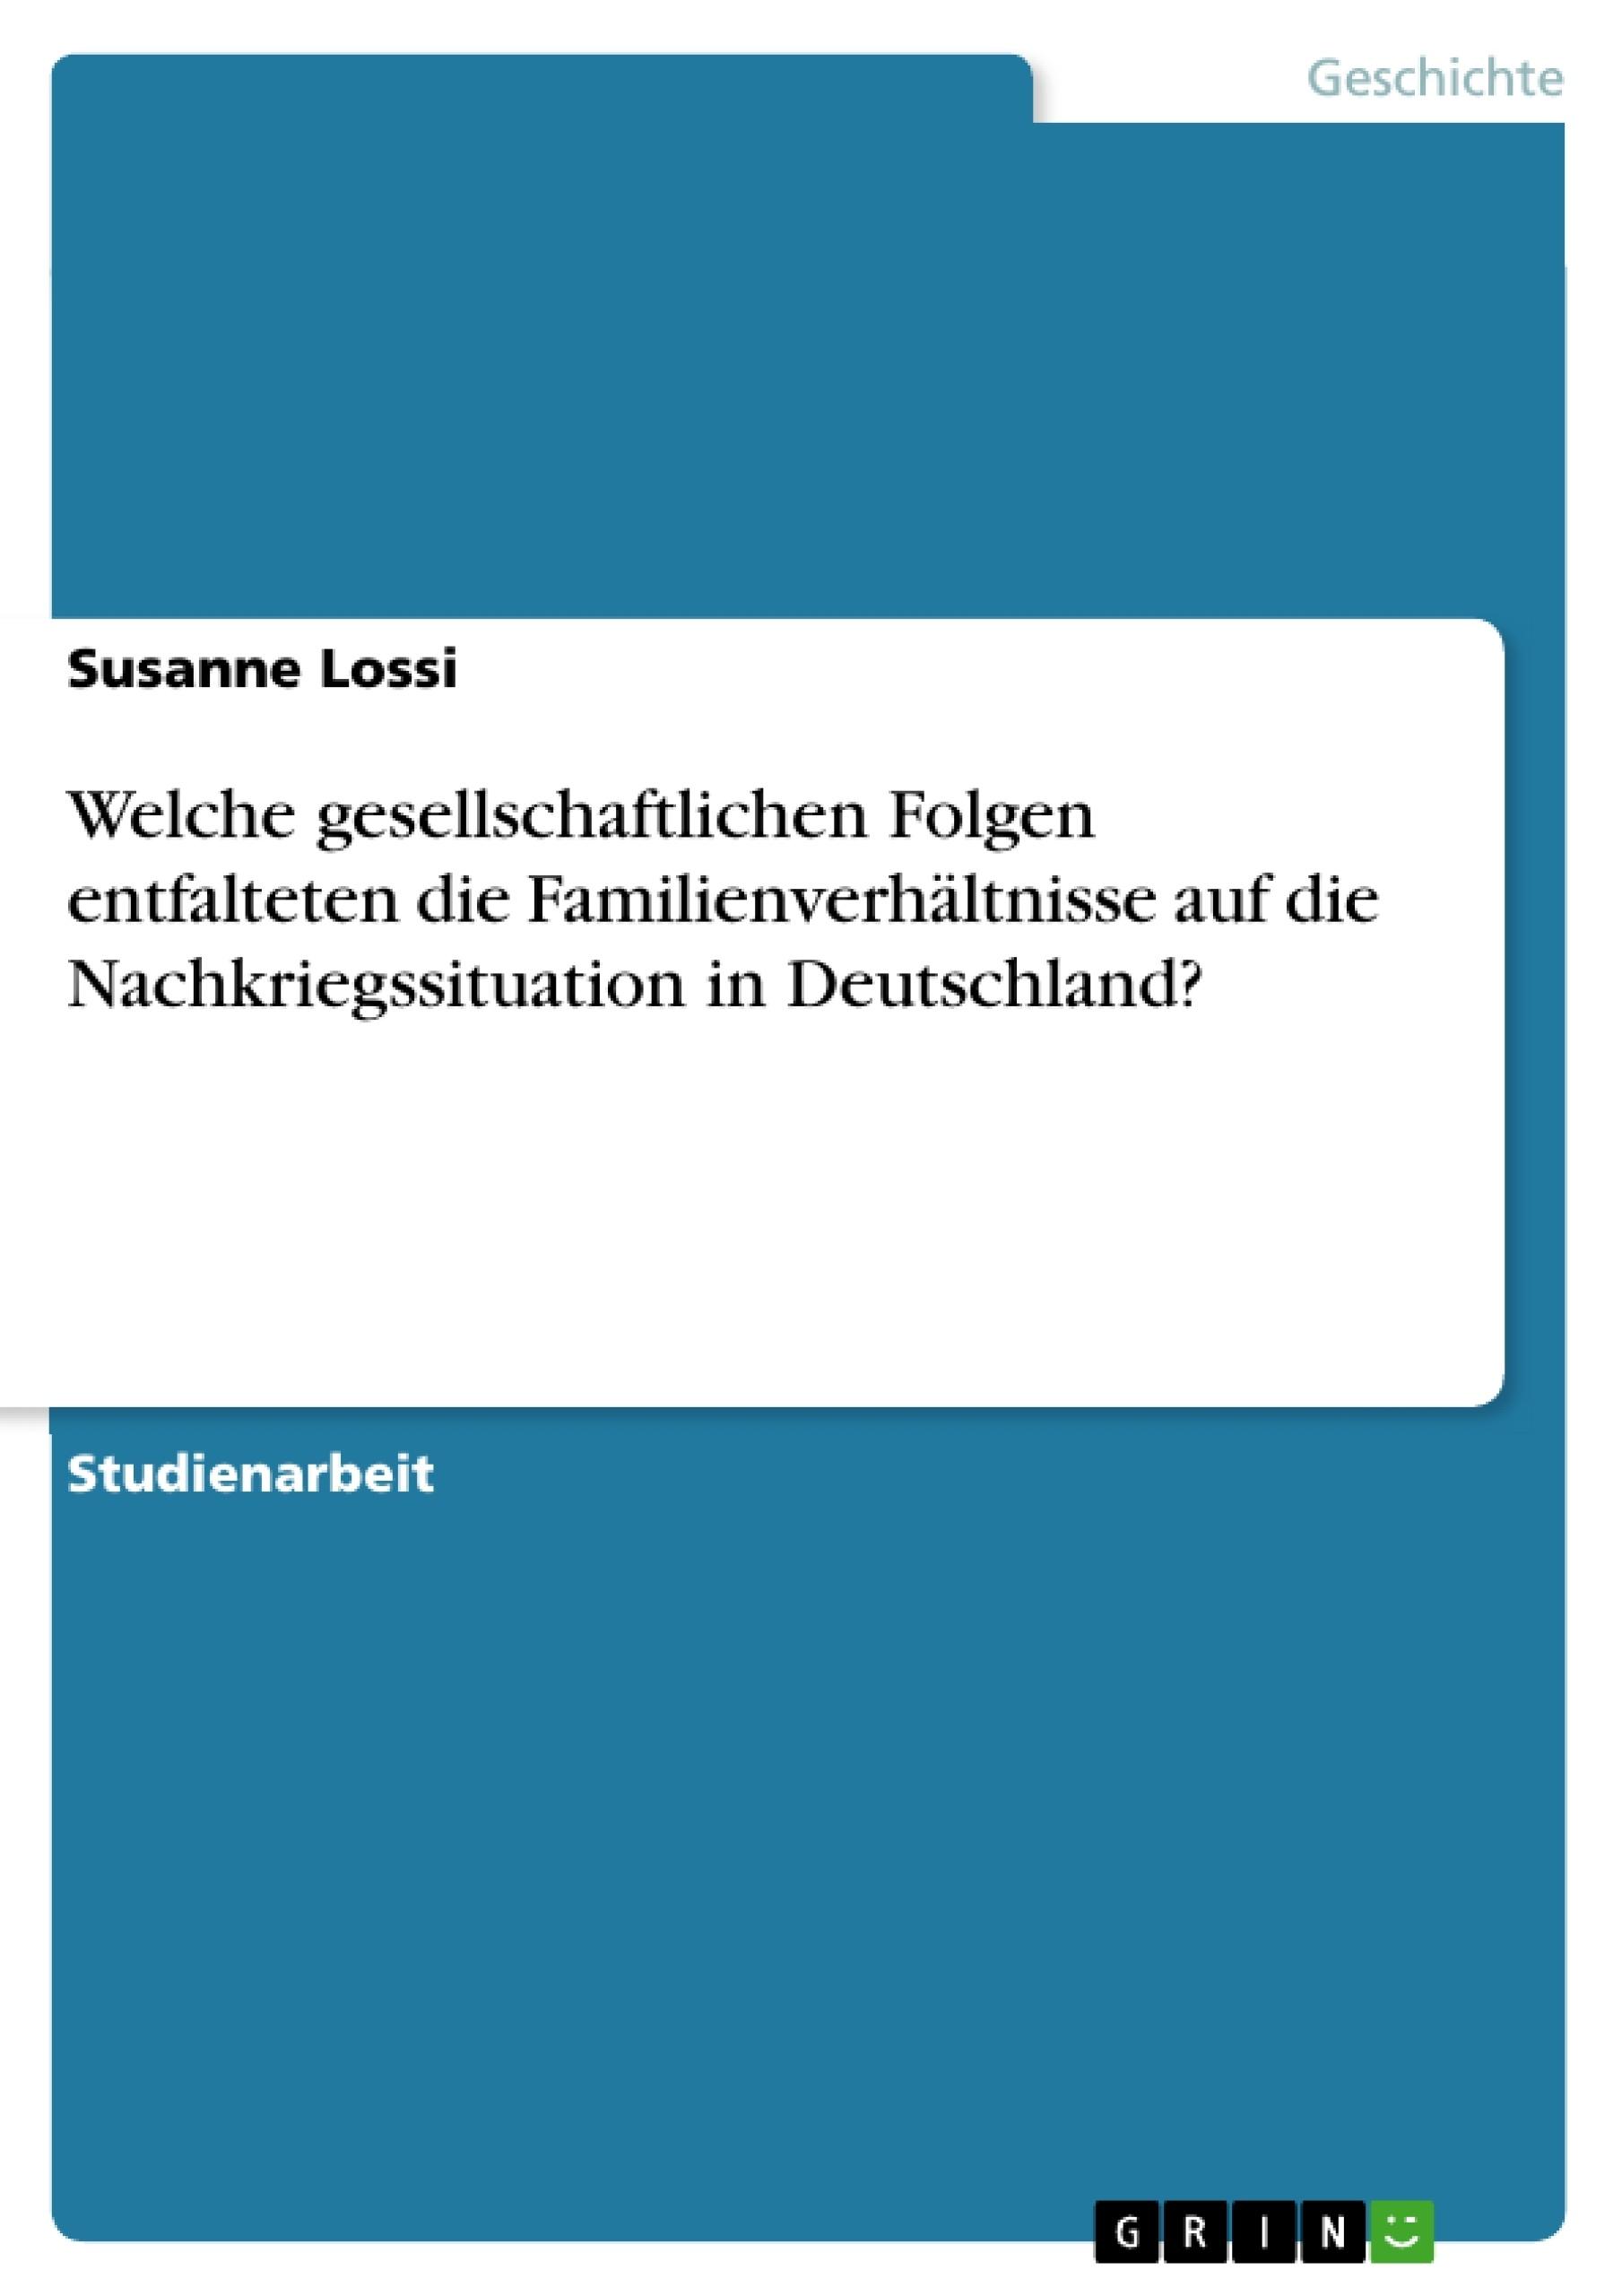 Titel: Welche gesellschaftlichen Folgen entfalteten die Familienverhältnisse auf die Nachkriegssituation in Deutschland?